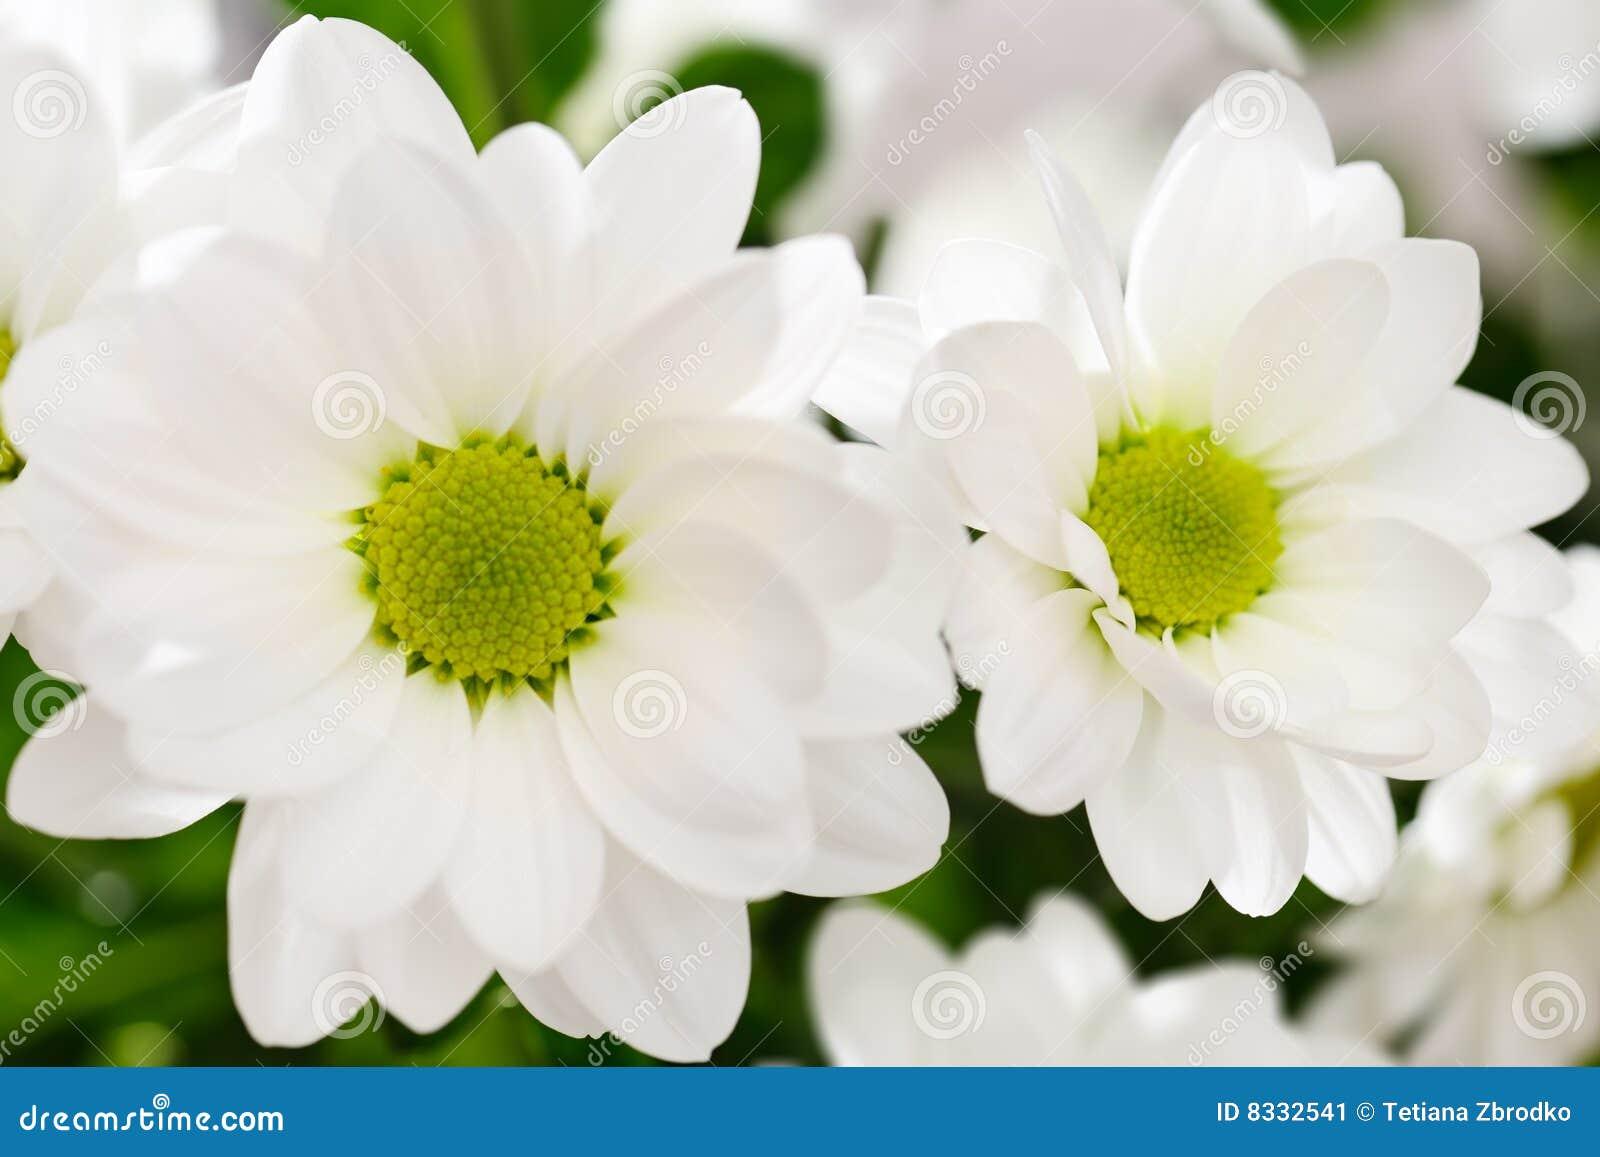 Flores Blancas Del Crisantemo Imagen de archivo Imagen de botnica